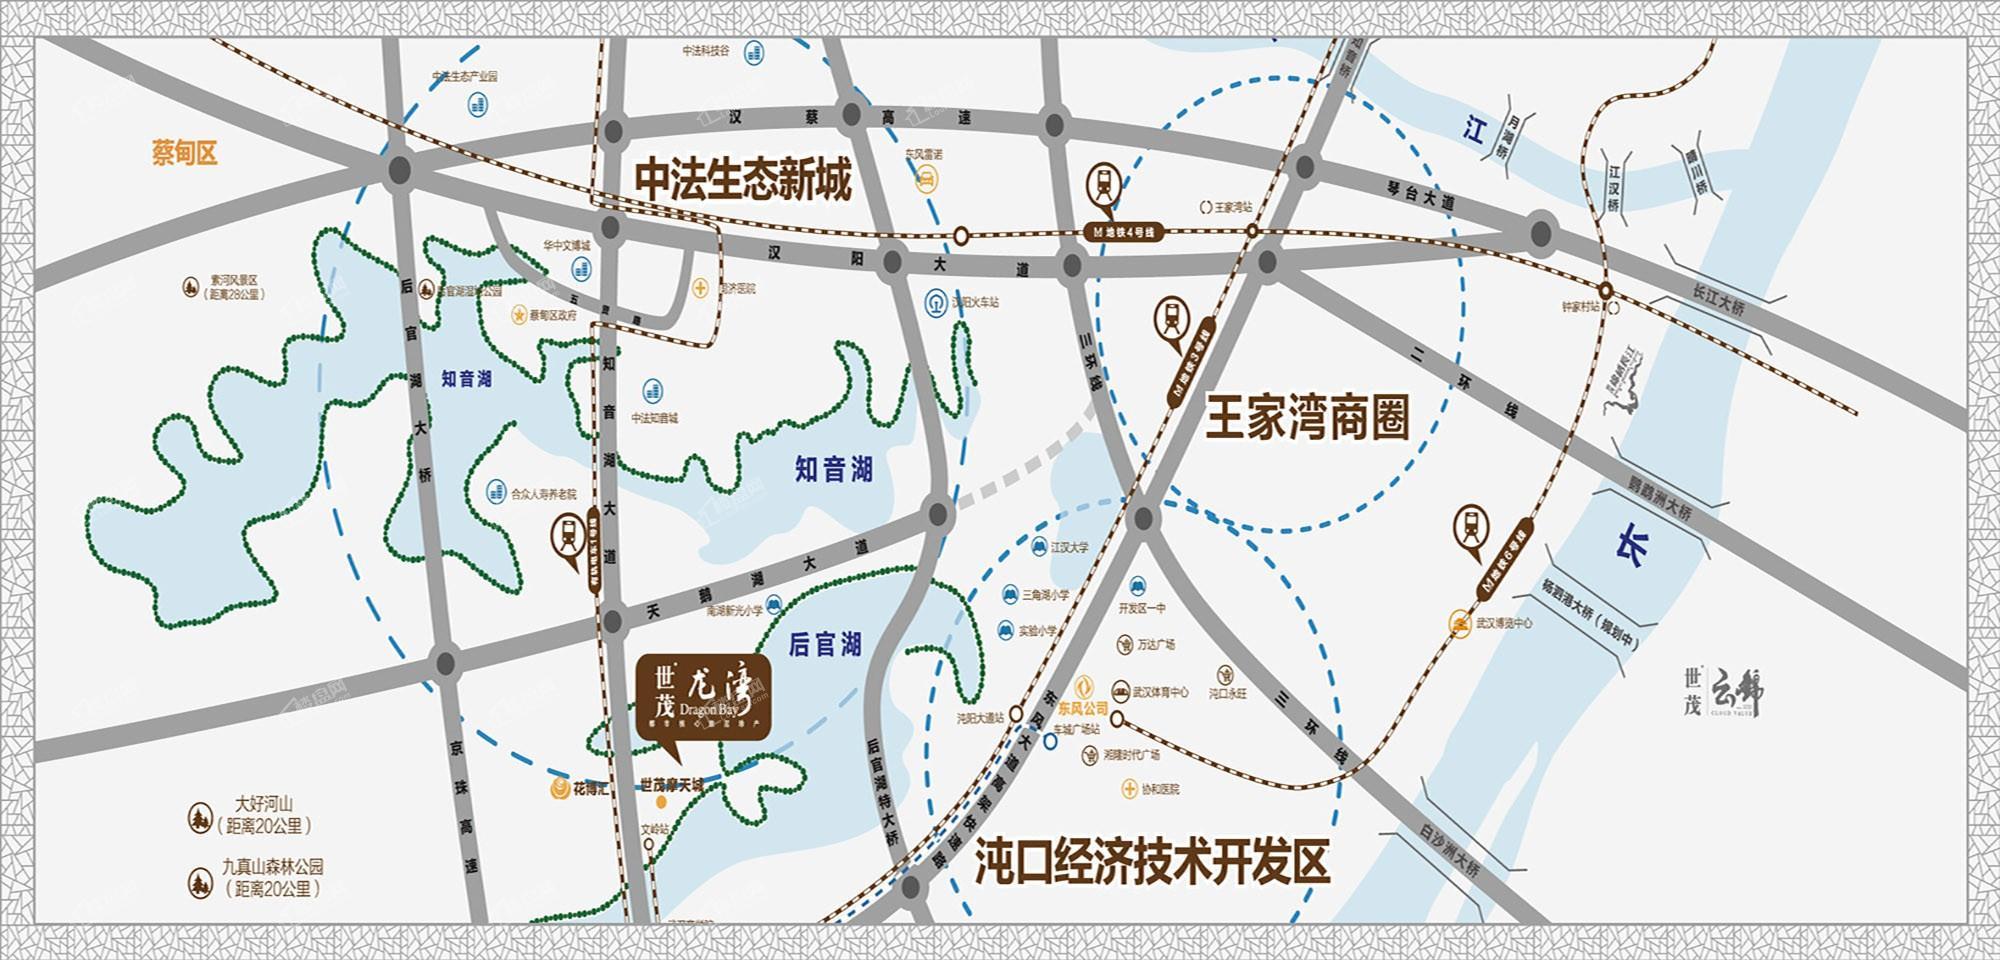 世茂龙湾位置图